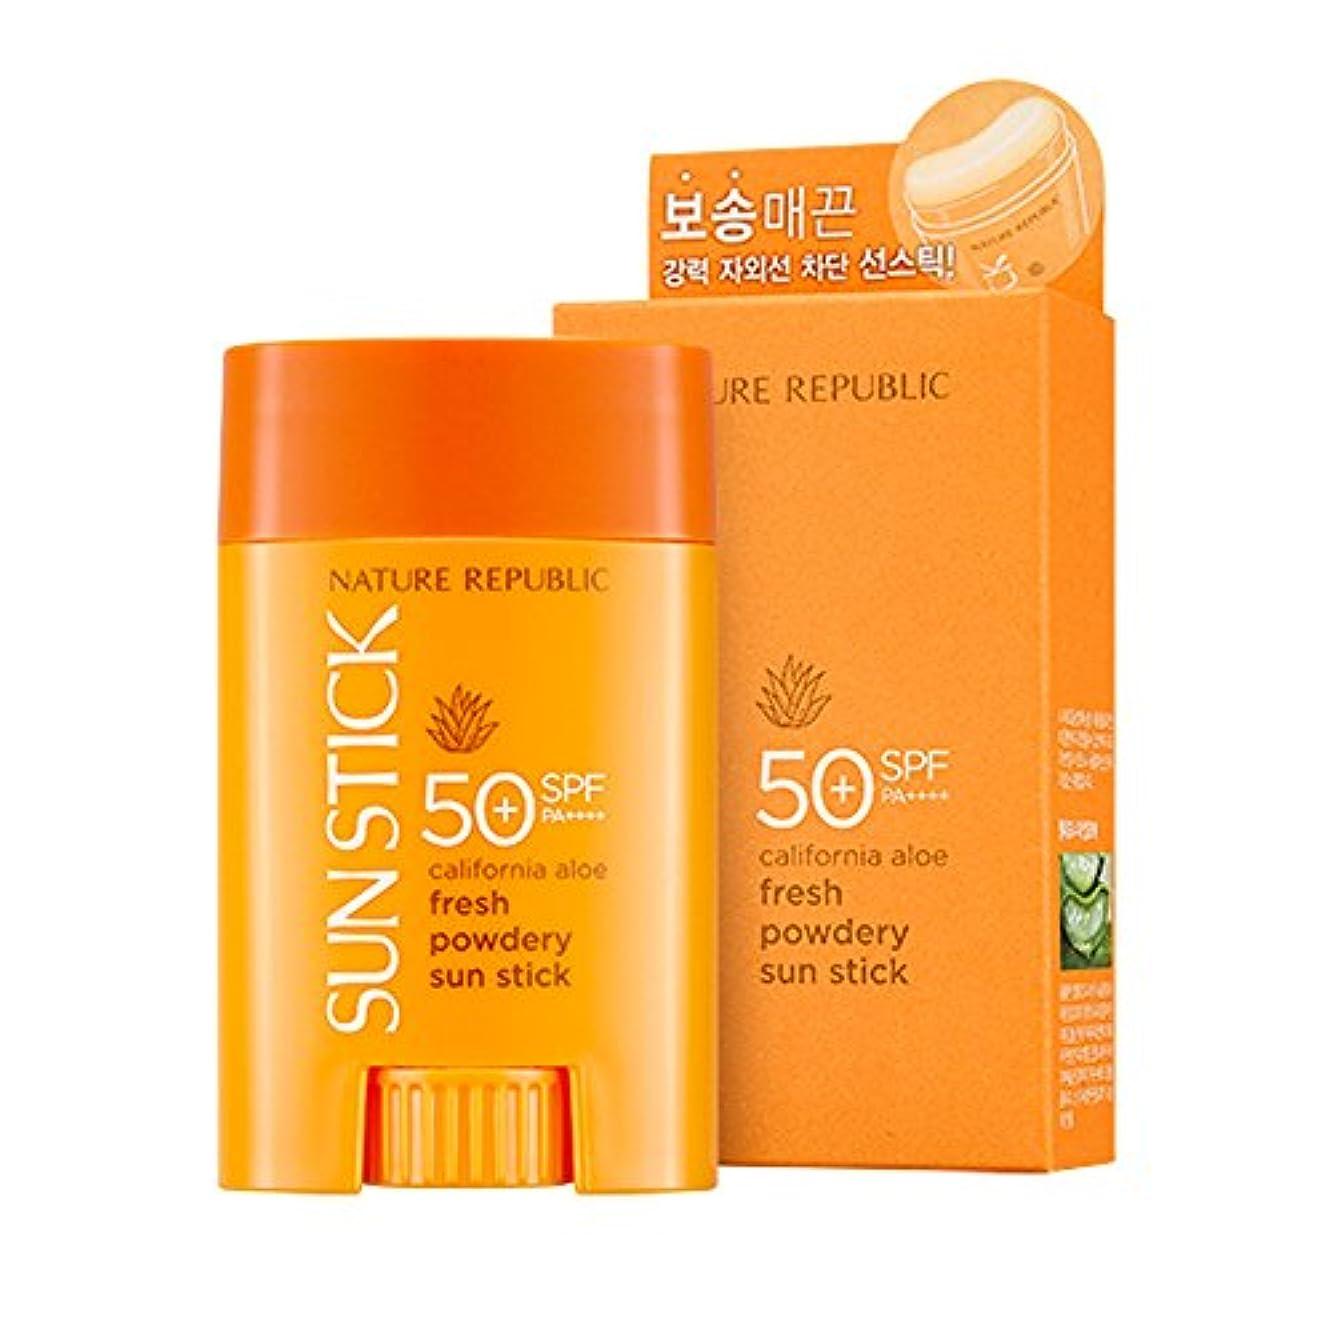 手錠爬虫類ソブリケットNature Republic California Aloe Fresh Powdery Sun Stick SPF50+ PA++++ 22g / 0.77 oz. ネイチャーリパブリック カリフォルニア アロエ フレッシュ...